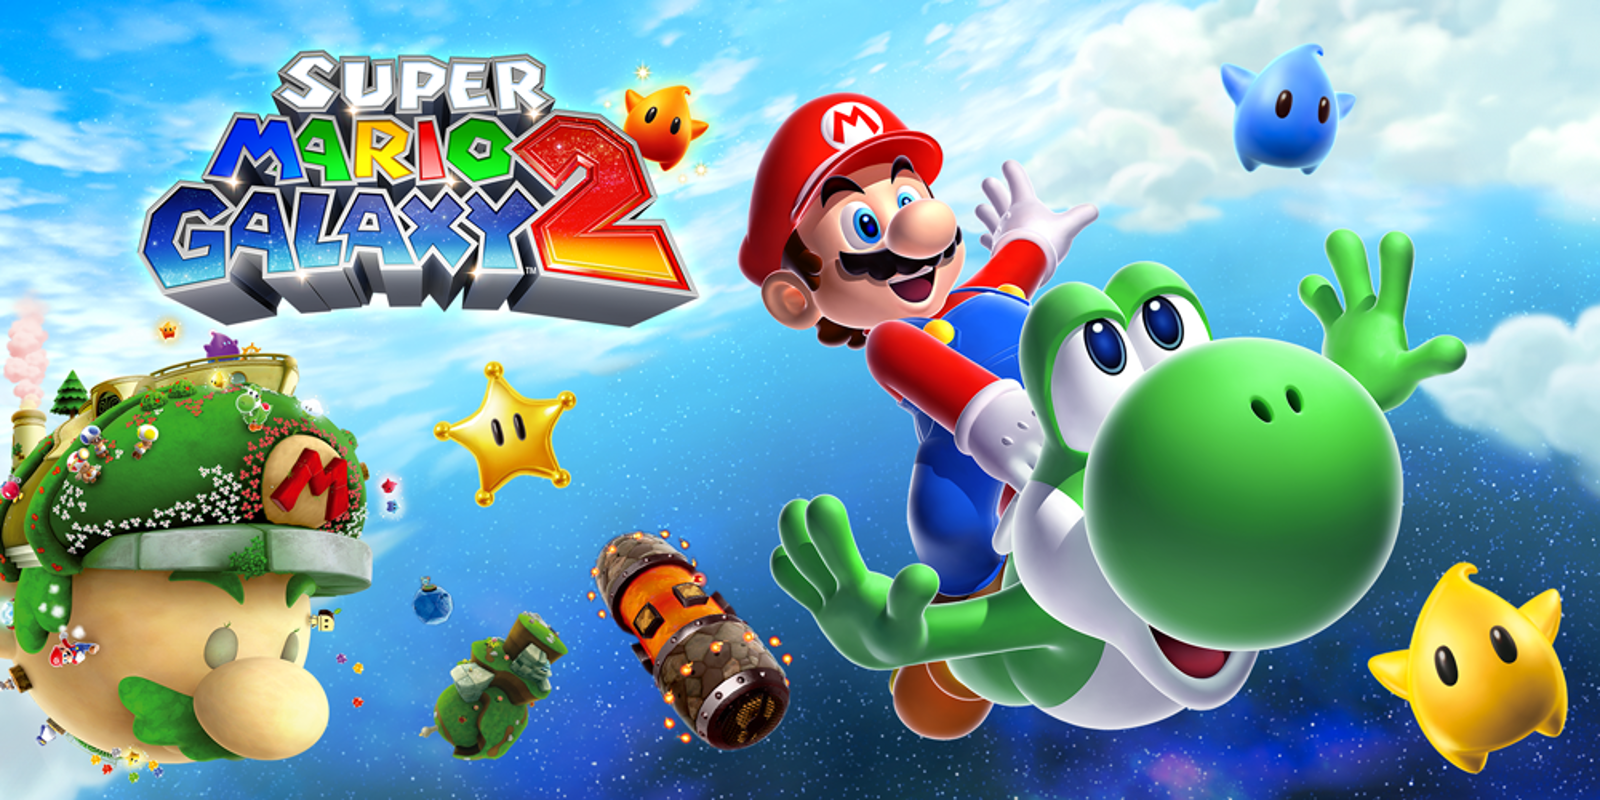 Super Mario Galaxy 2 | Wii | Games | Nintendo